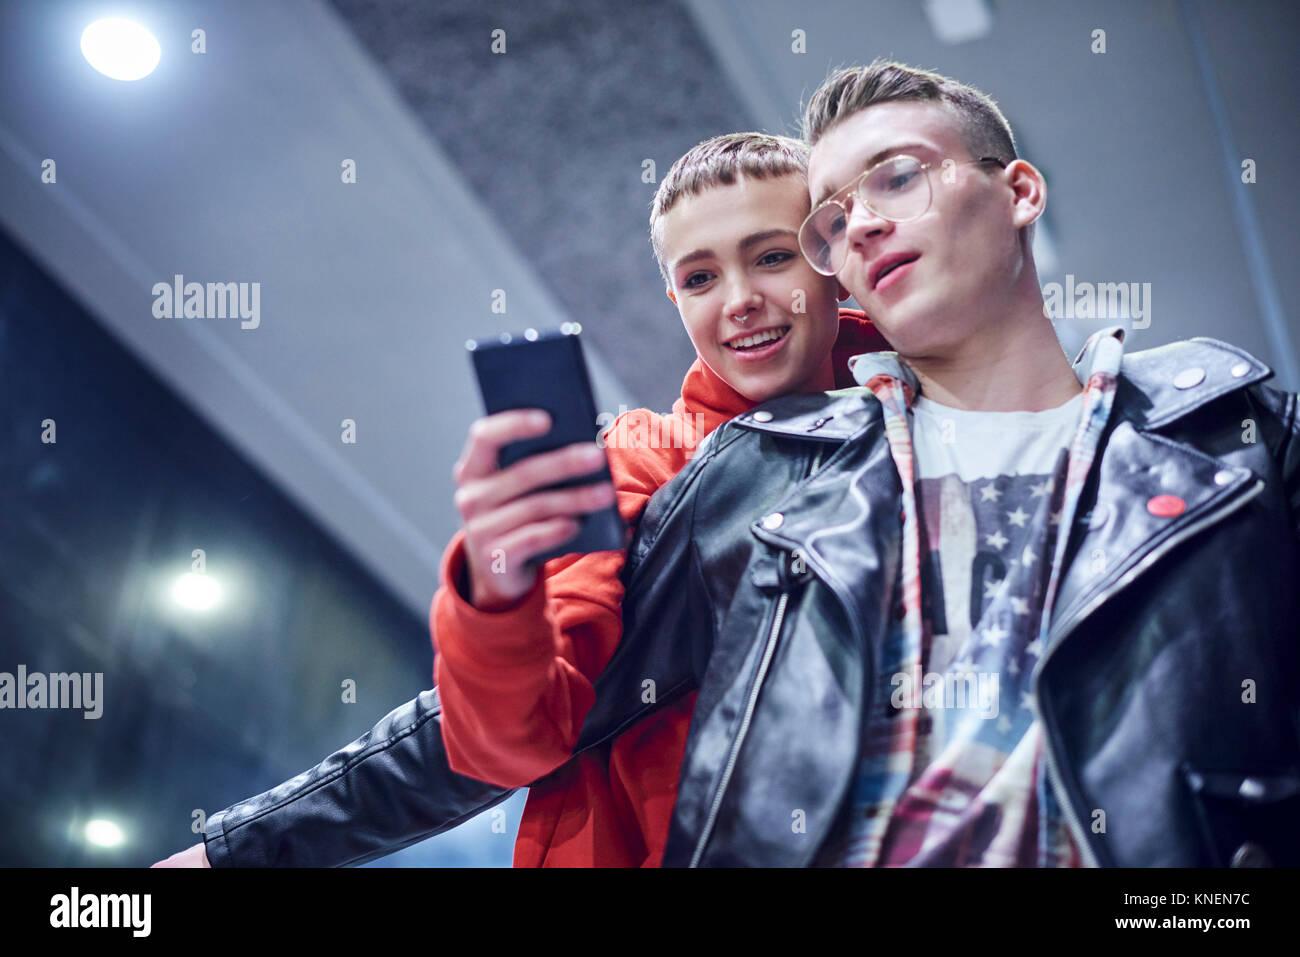 Coppia giovane si sta spostando verso il basso la stazione della metropolitana escalator guardando smartphone Immagini Stock